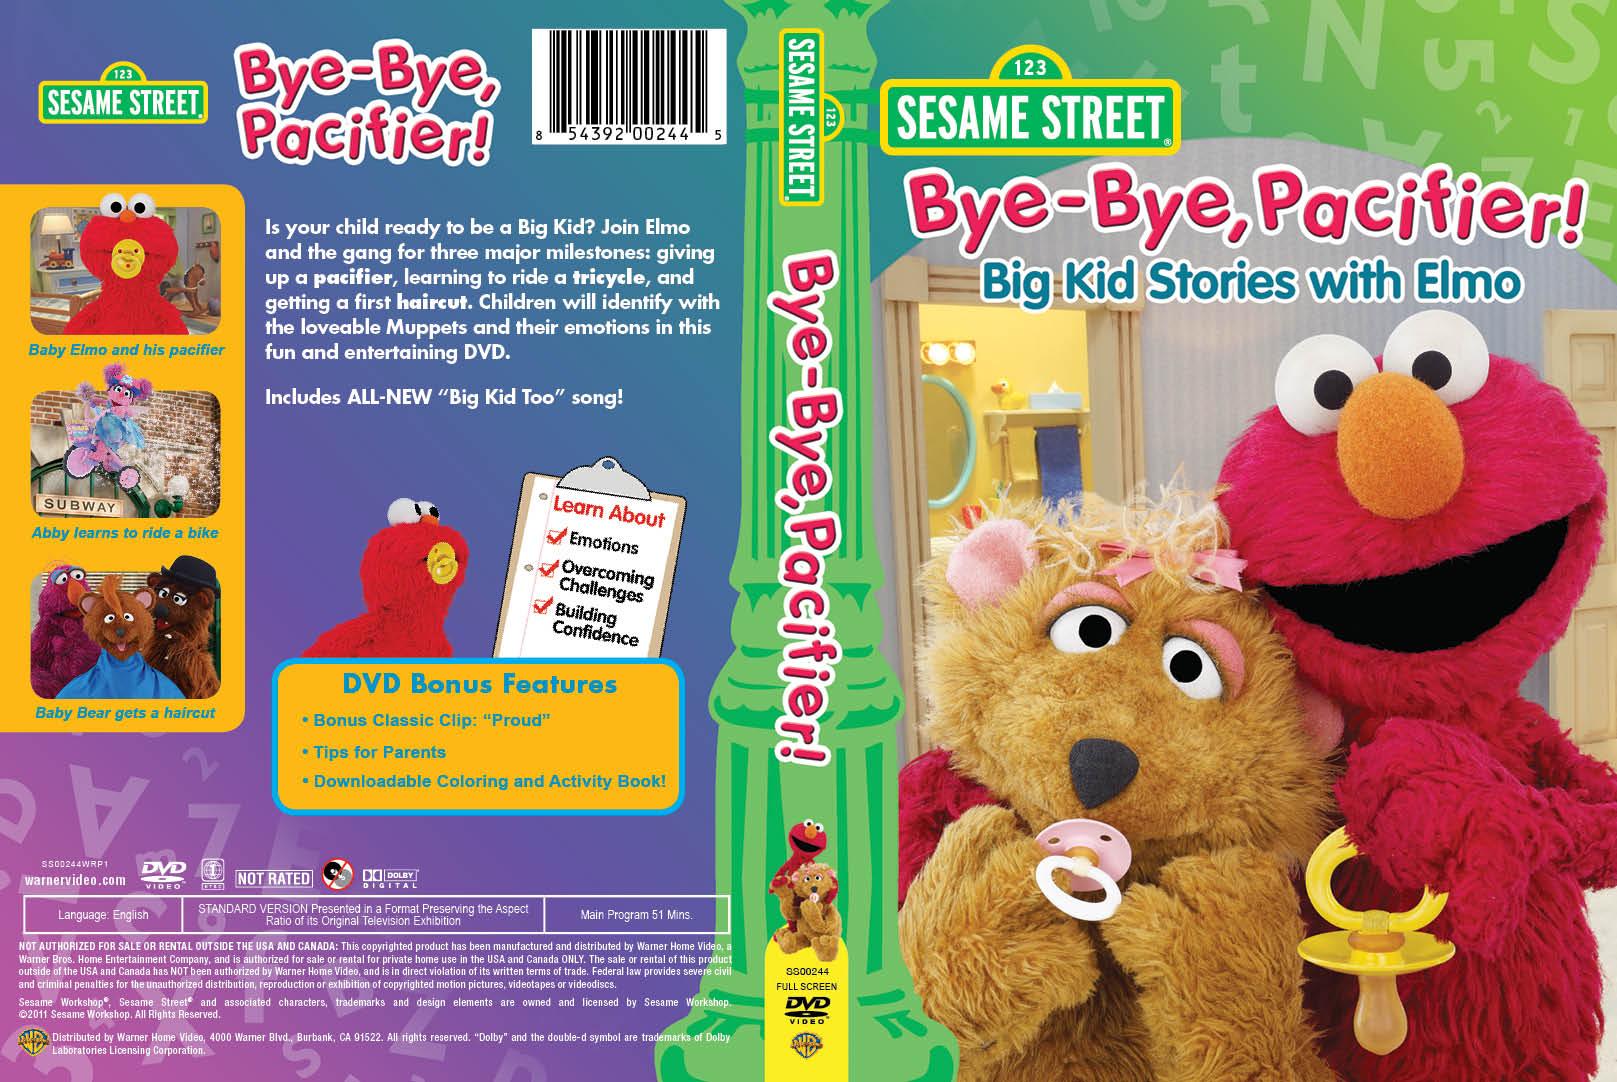 Bye Bye Pacifier Wrap Final.jpg